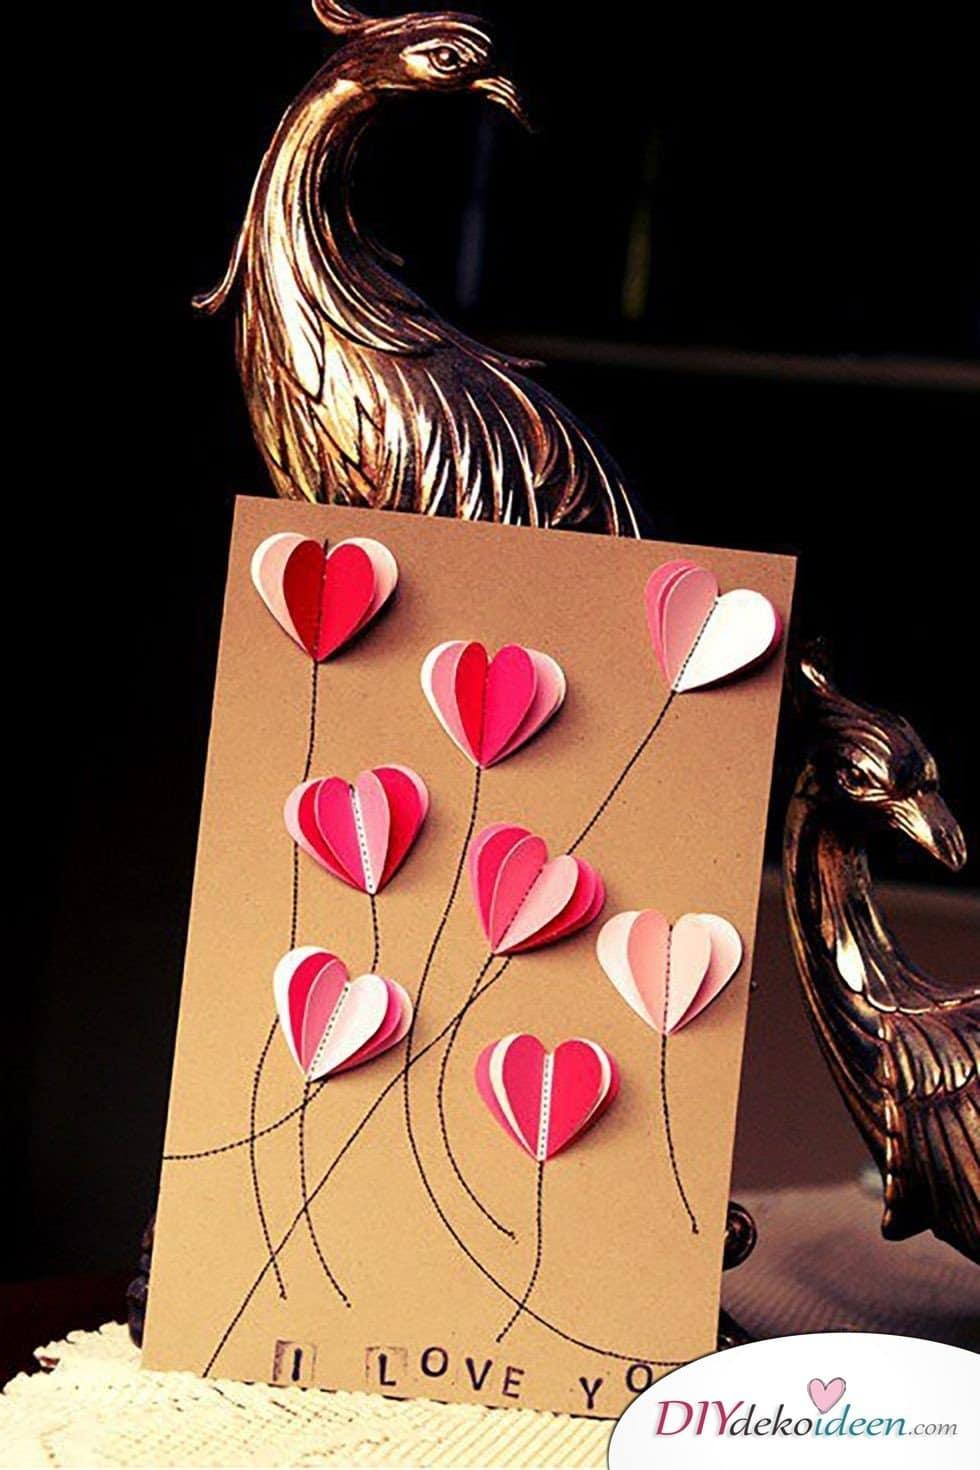 Karte basteln, Valentinstag Karten basteln, Valentinstag, Valentinstag basteln, Valentinstag Bastelideen, DIY Bastelideen, romantisch, Karten basteln